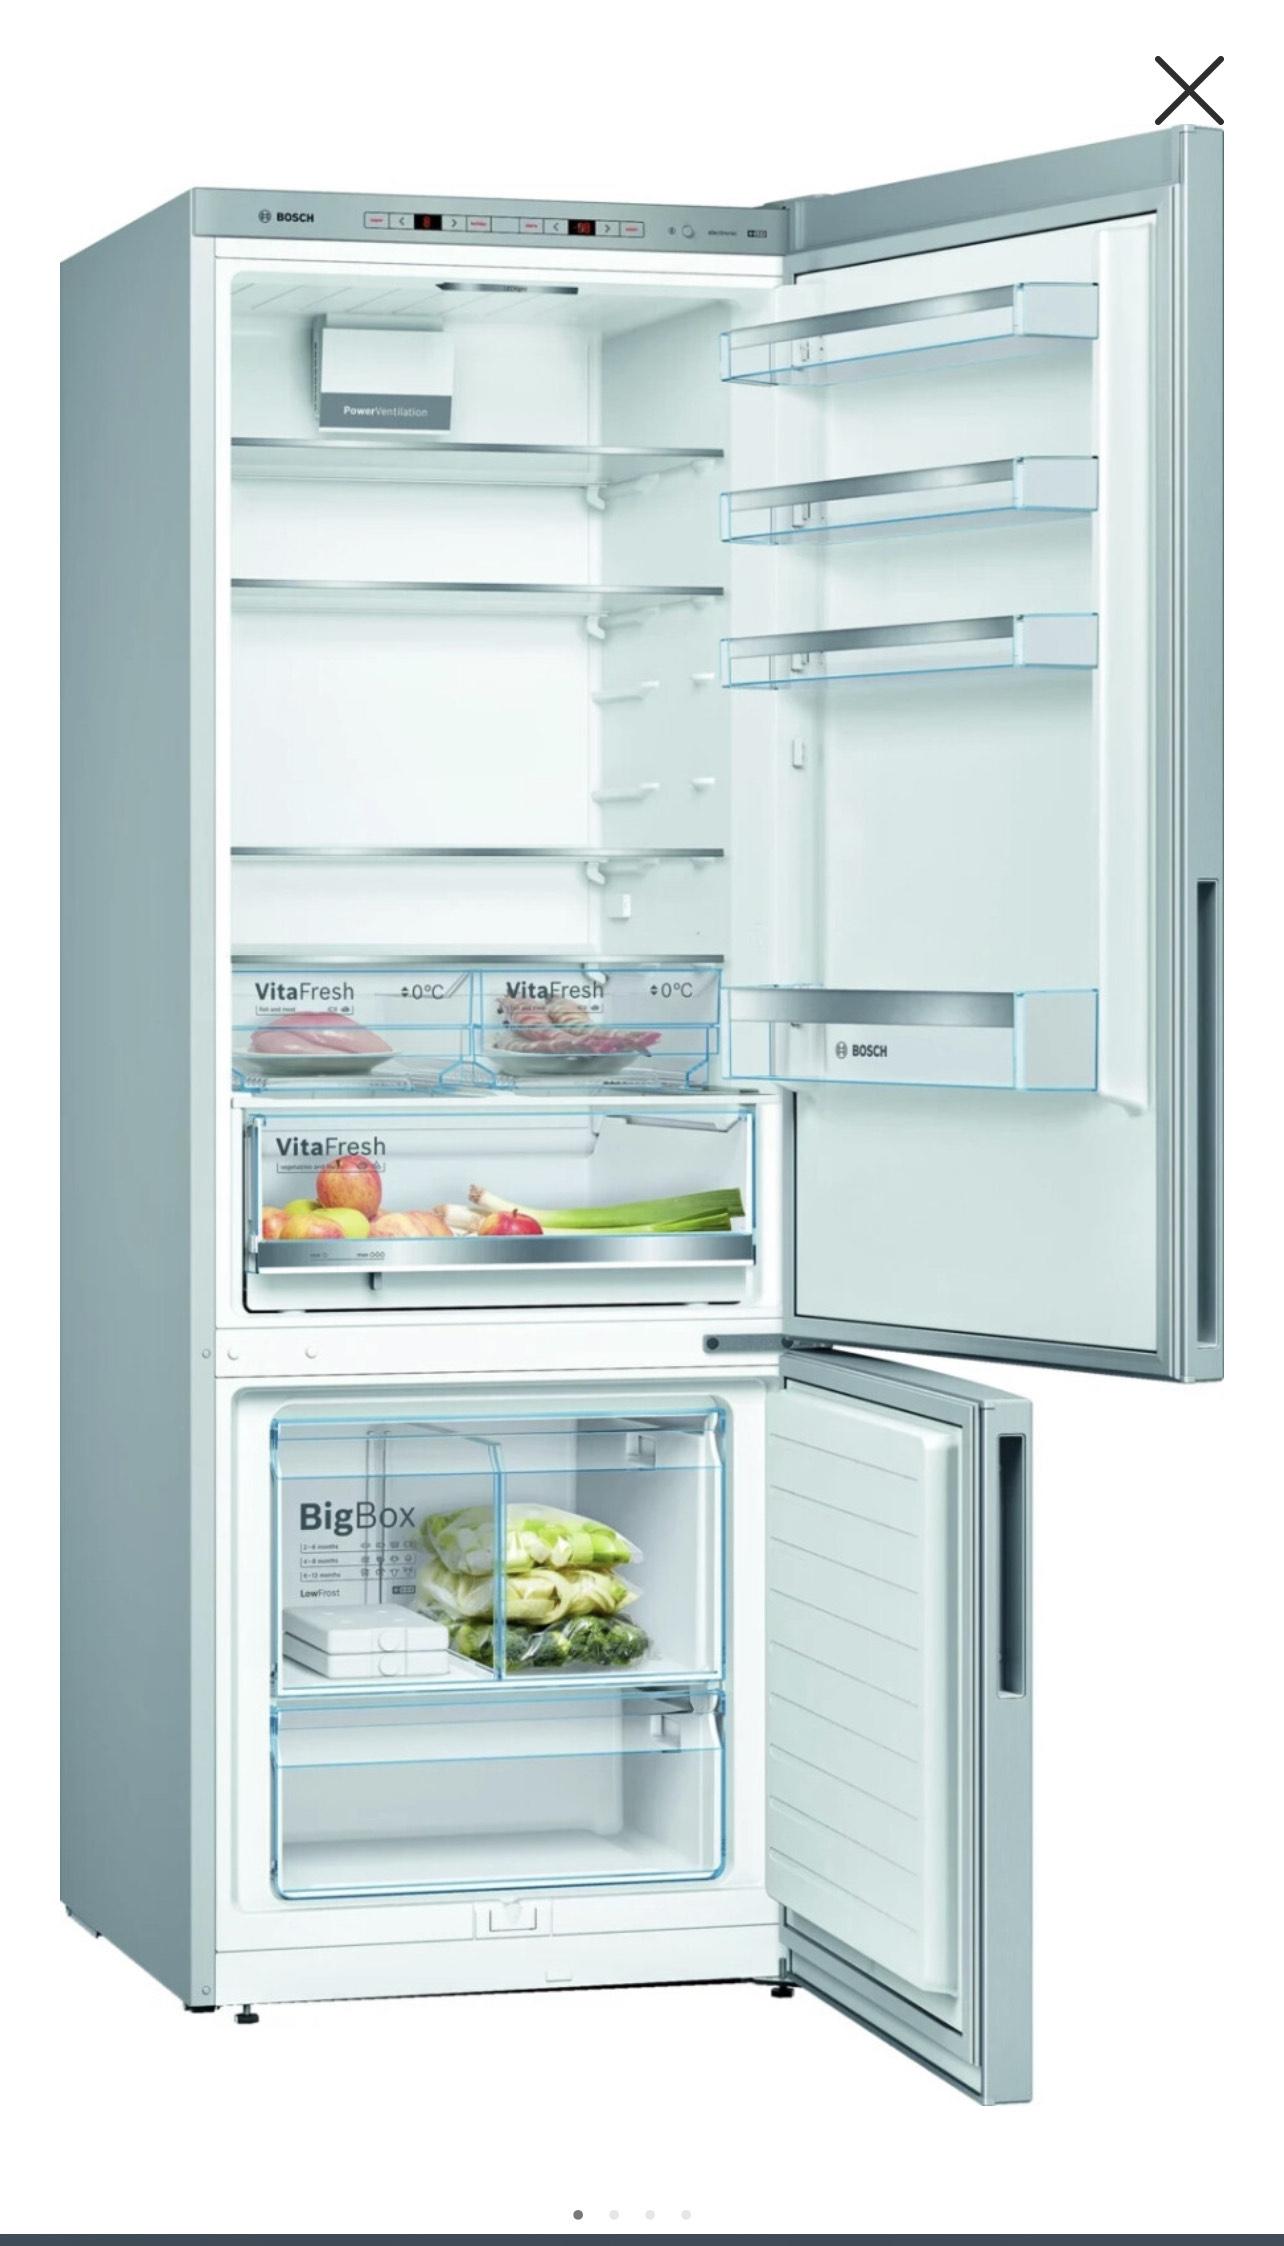 Bosch KGE584ICP Serie 6 Kühlgefrierkombination für 499€ (statt 699€) + 90€ Eismann.de Gutschein!